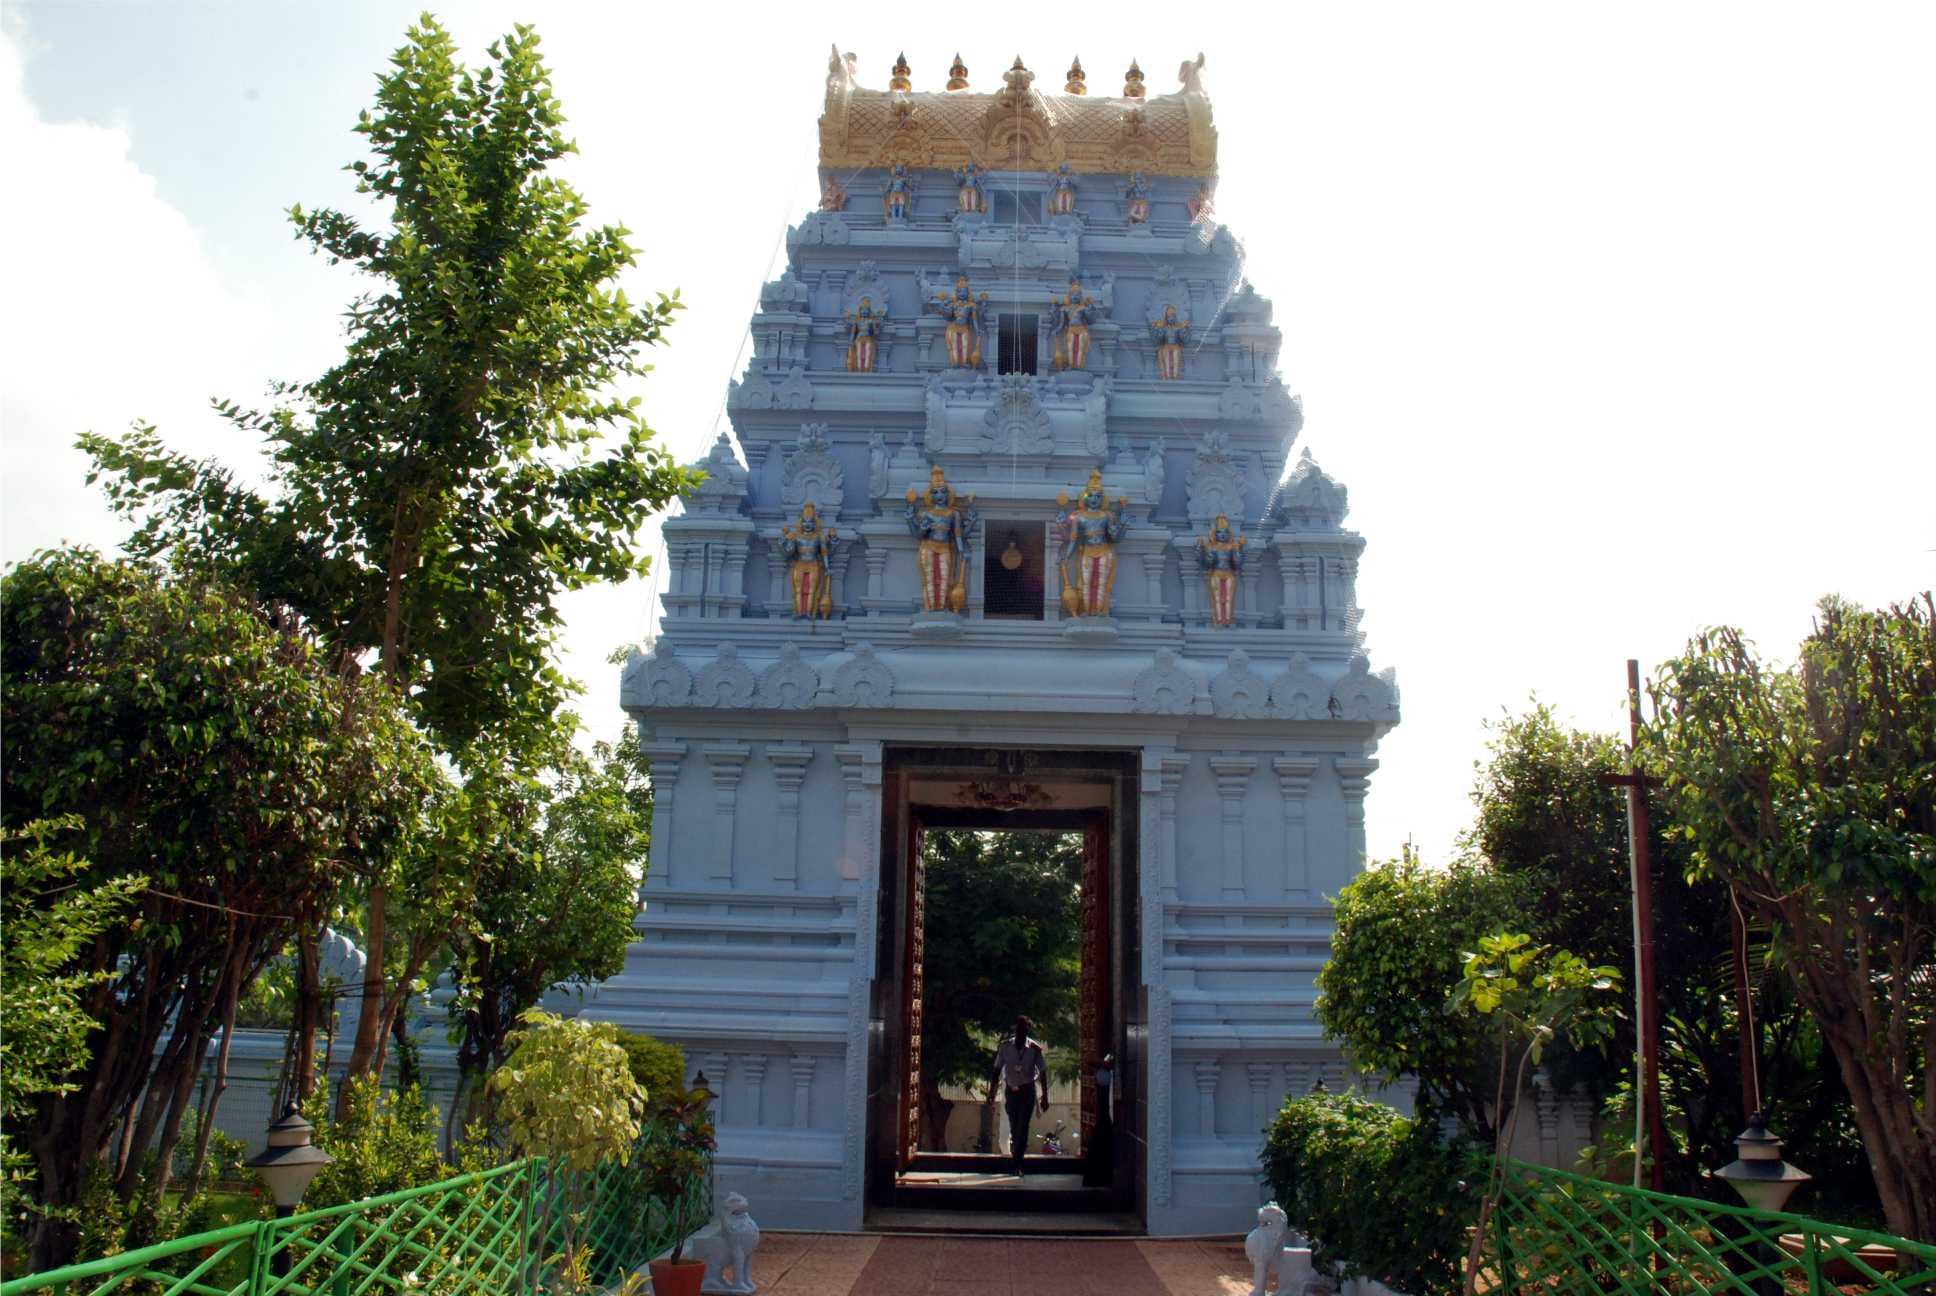 A dél-indiai templomok fő jellegzetessége, a gopuram (ami a főkaput jelenti) itt is megtalálható